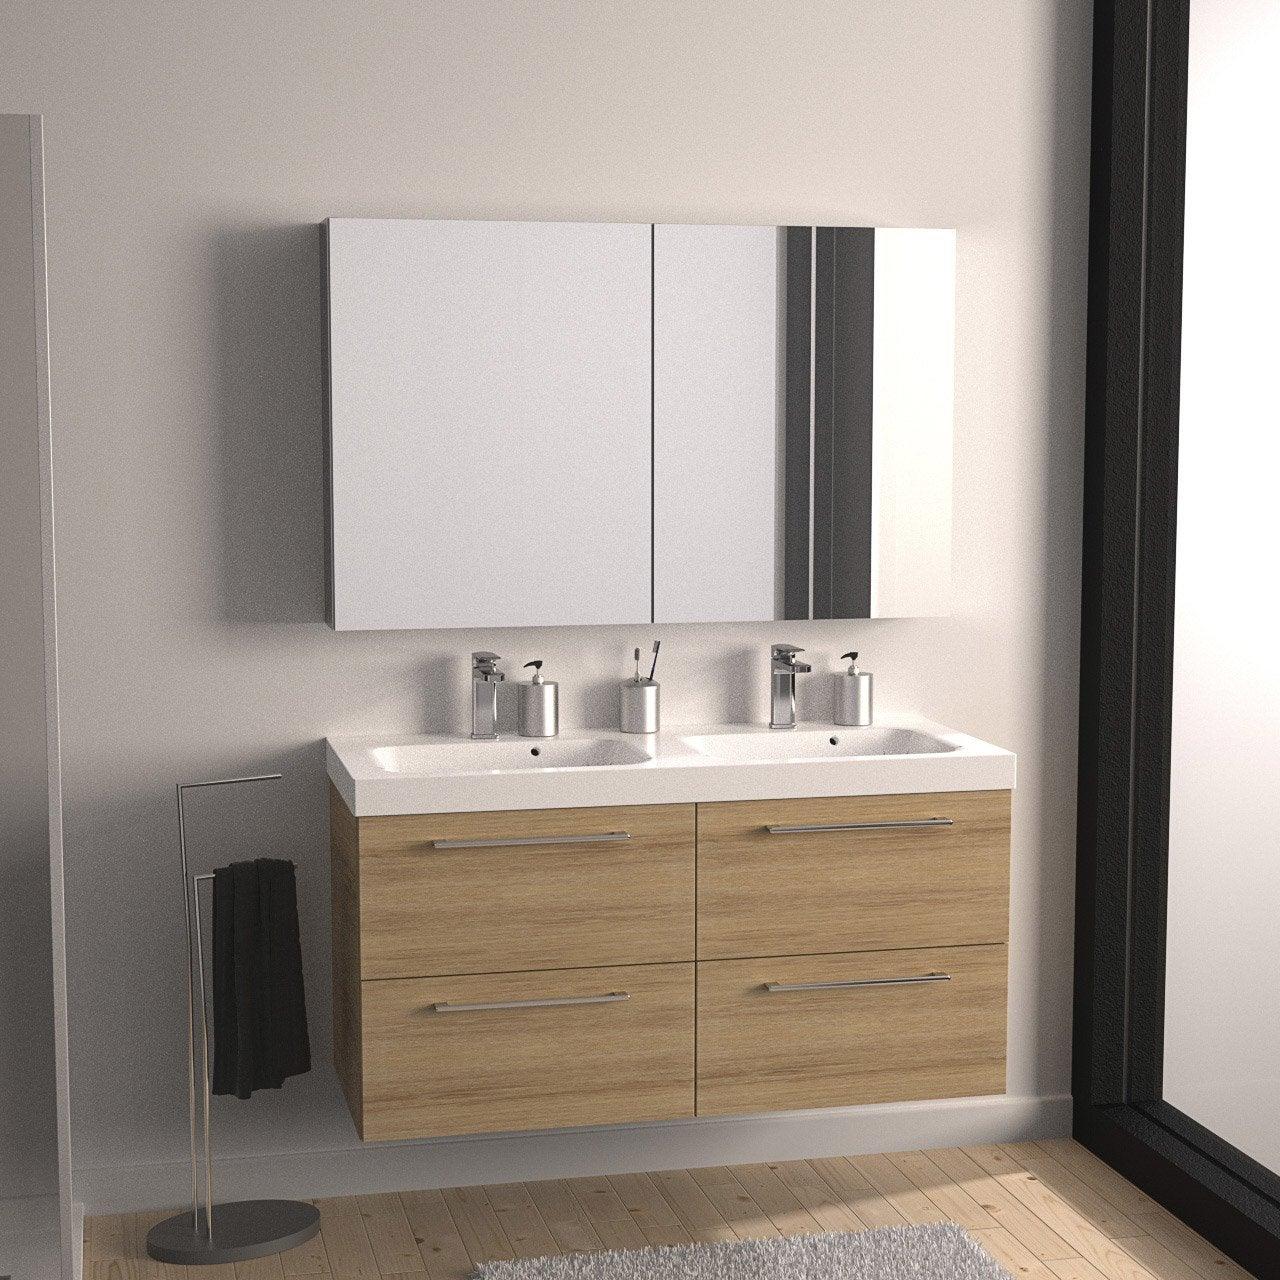 Meuble salle de bain sanijura halo for Meuble salle de bains but